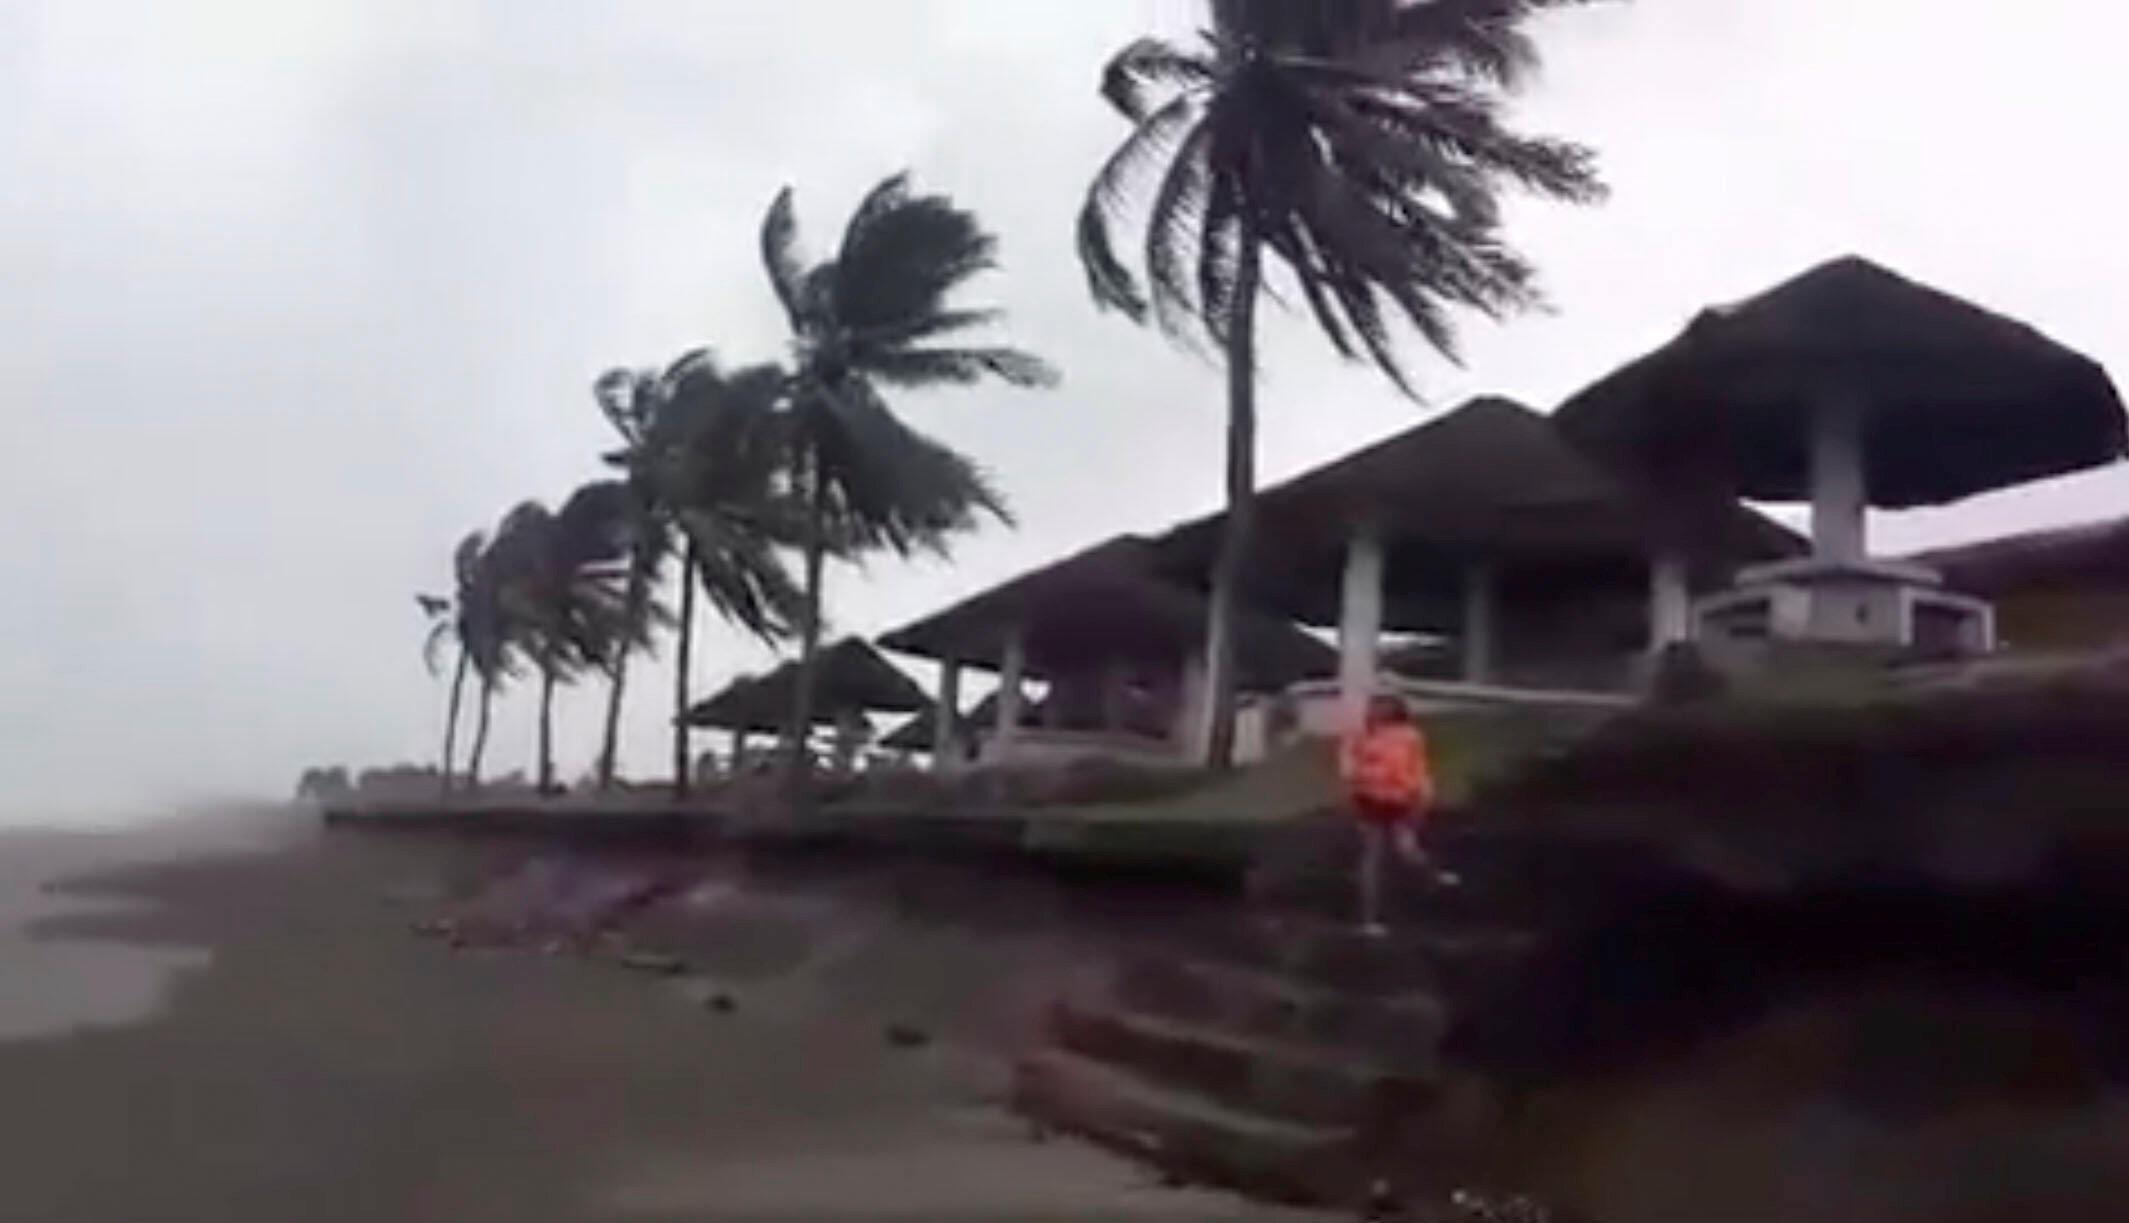 De fortes pluies ont commencé à s'abattre et les vents sont violent, ici dans la province de Cagayan au nord des Philippines.